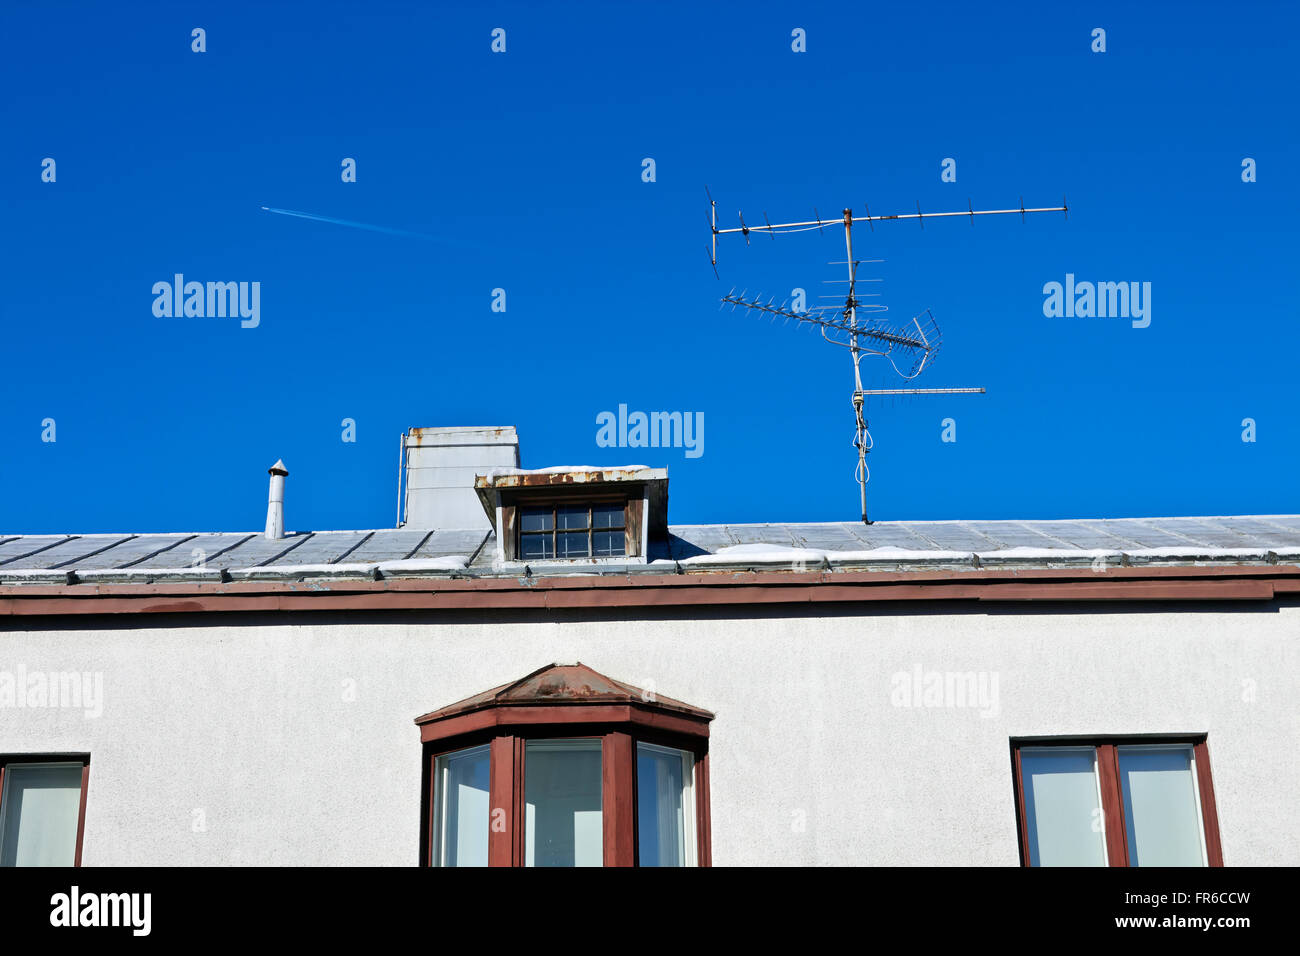 Antennen gegen blauen Himmel Stockbild